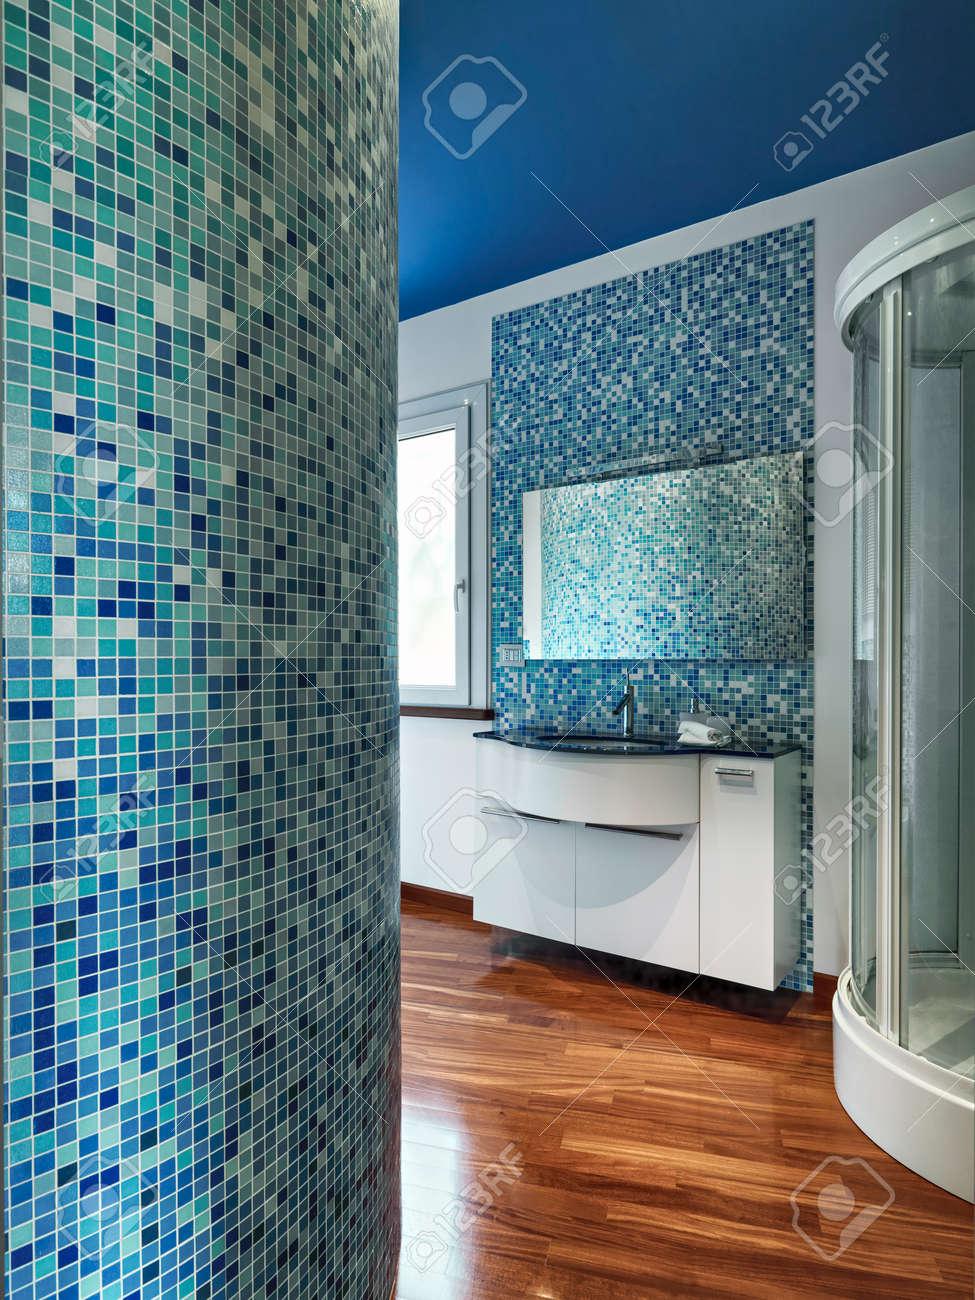 Ver iinterior de un moderno cuarto de baño con azulejos de mosaico, piso de  madera y techo pintado de azul